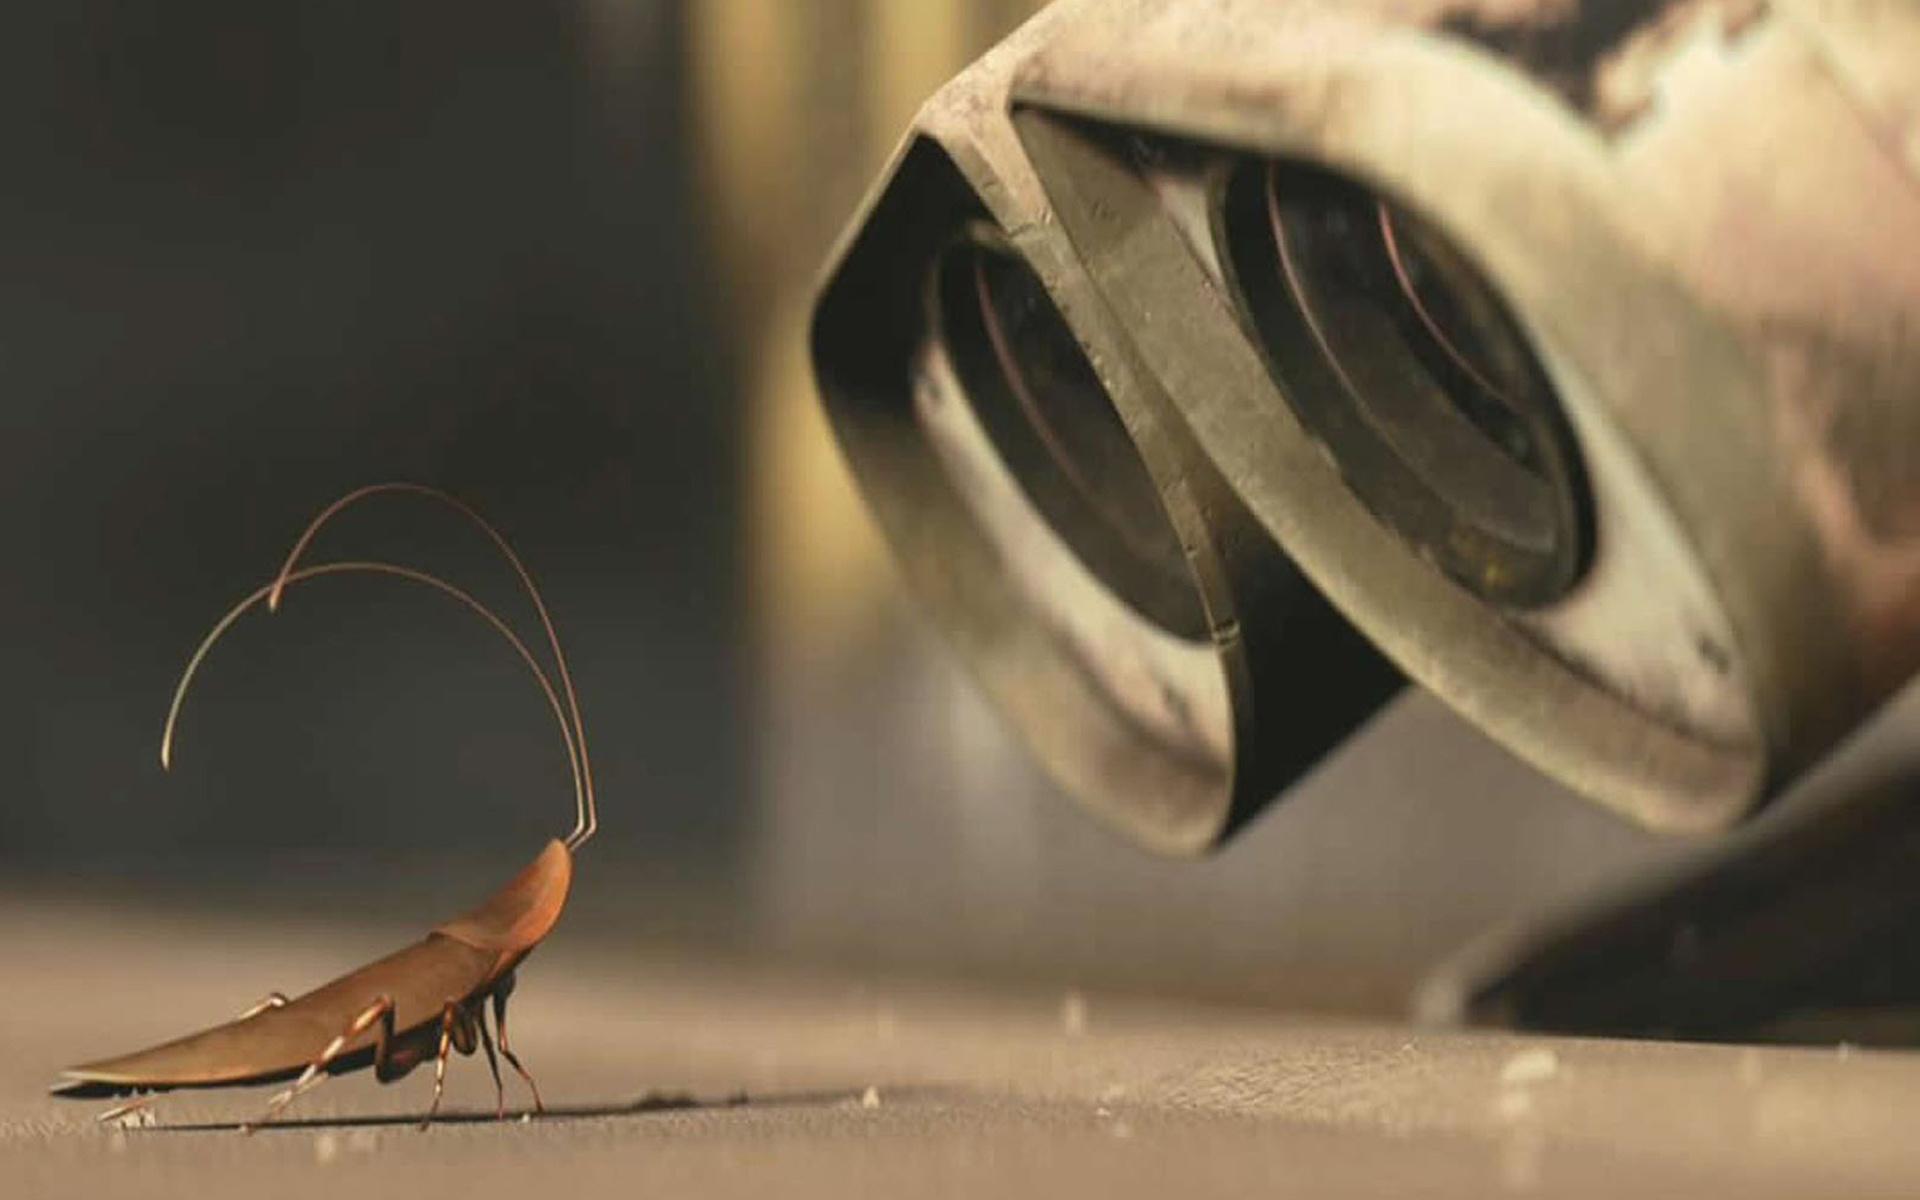 Los insectos, una inspiración para diseñar robots